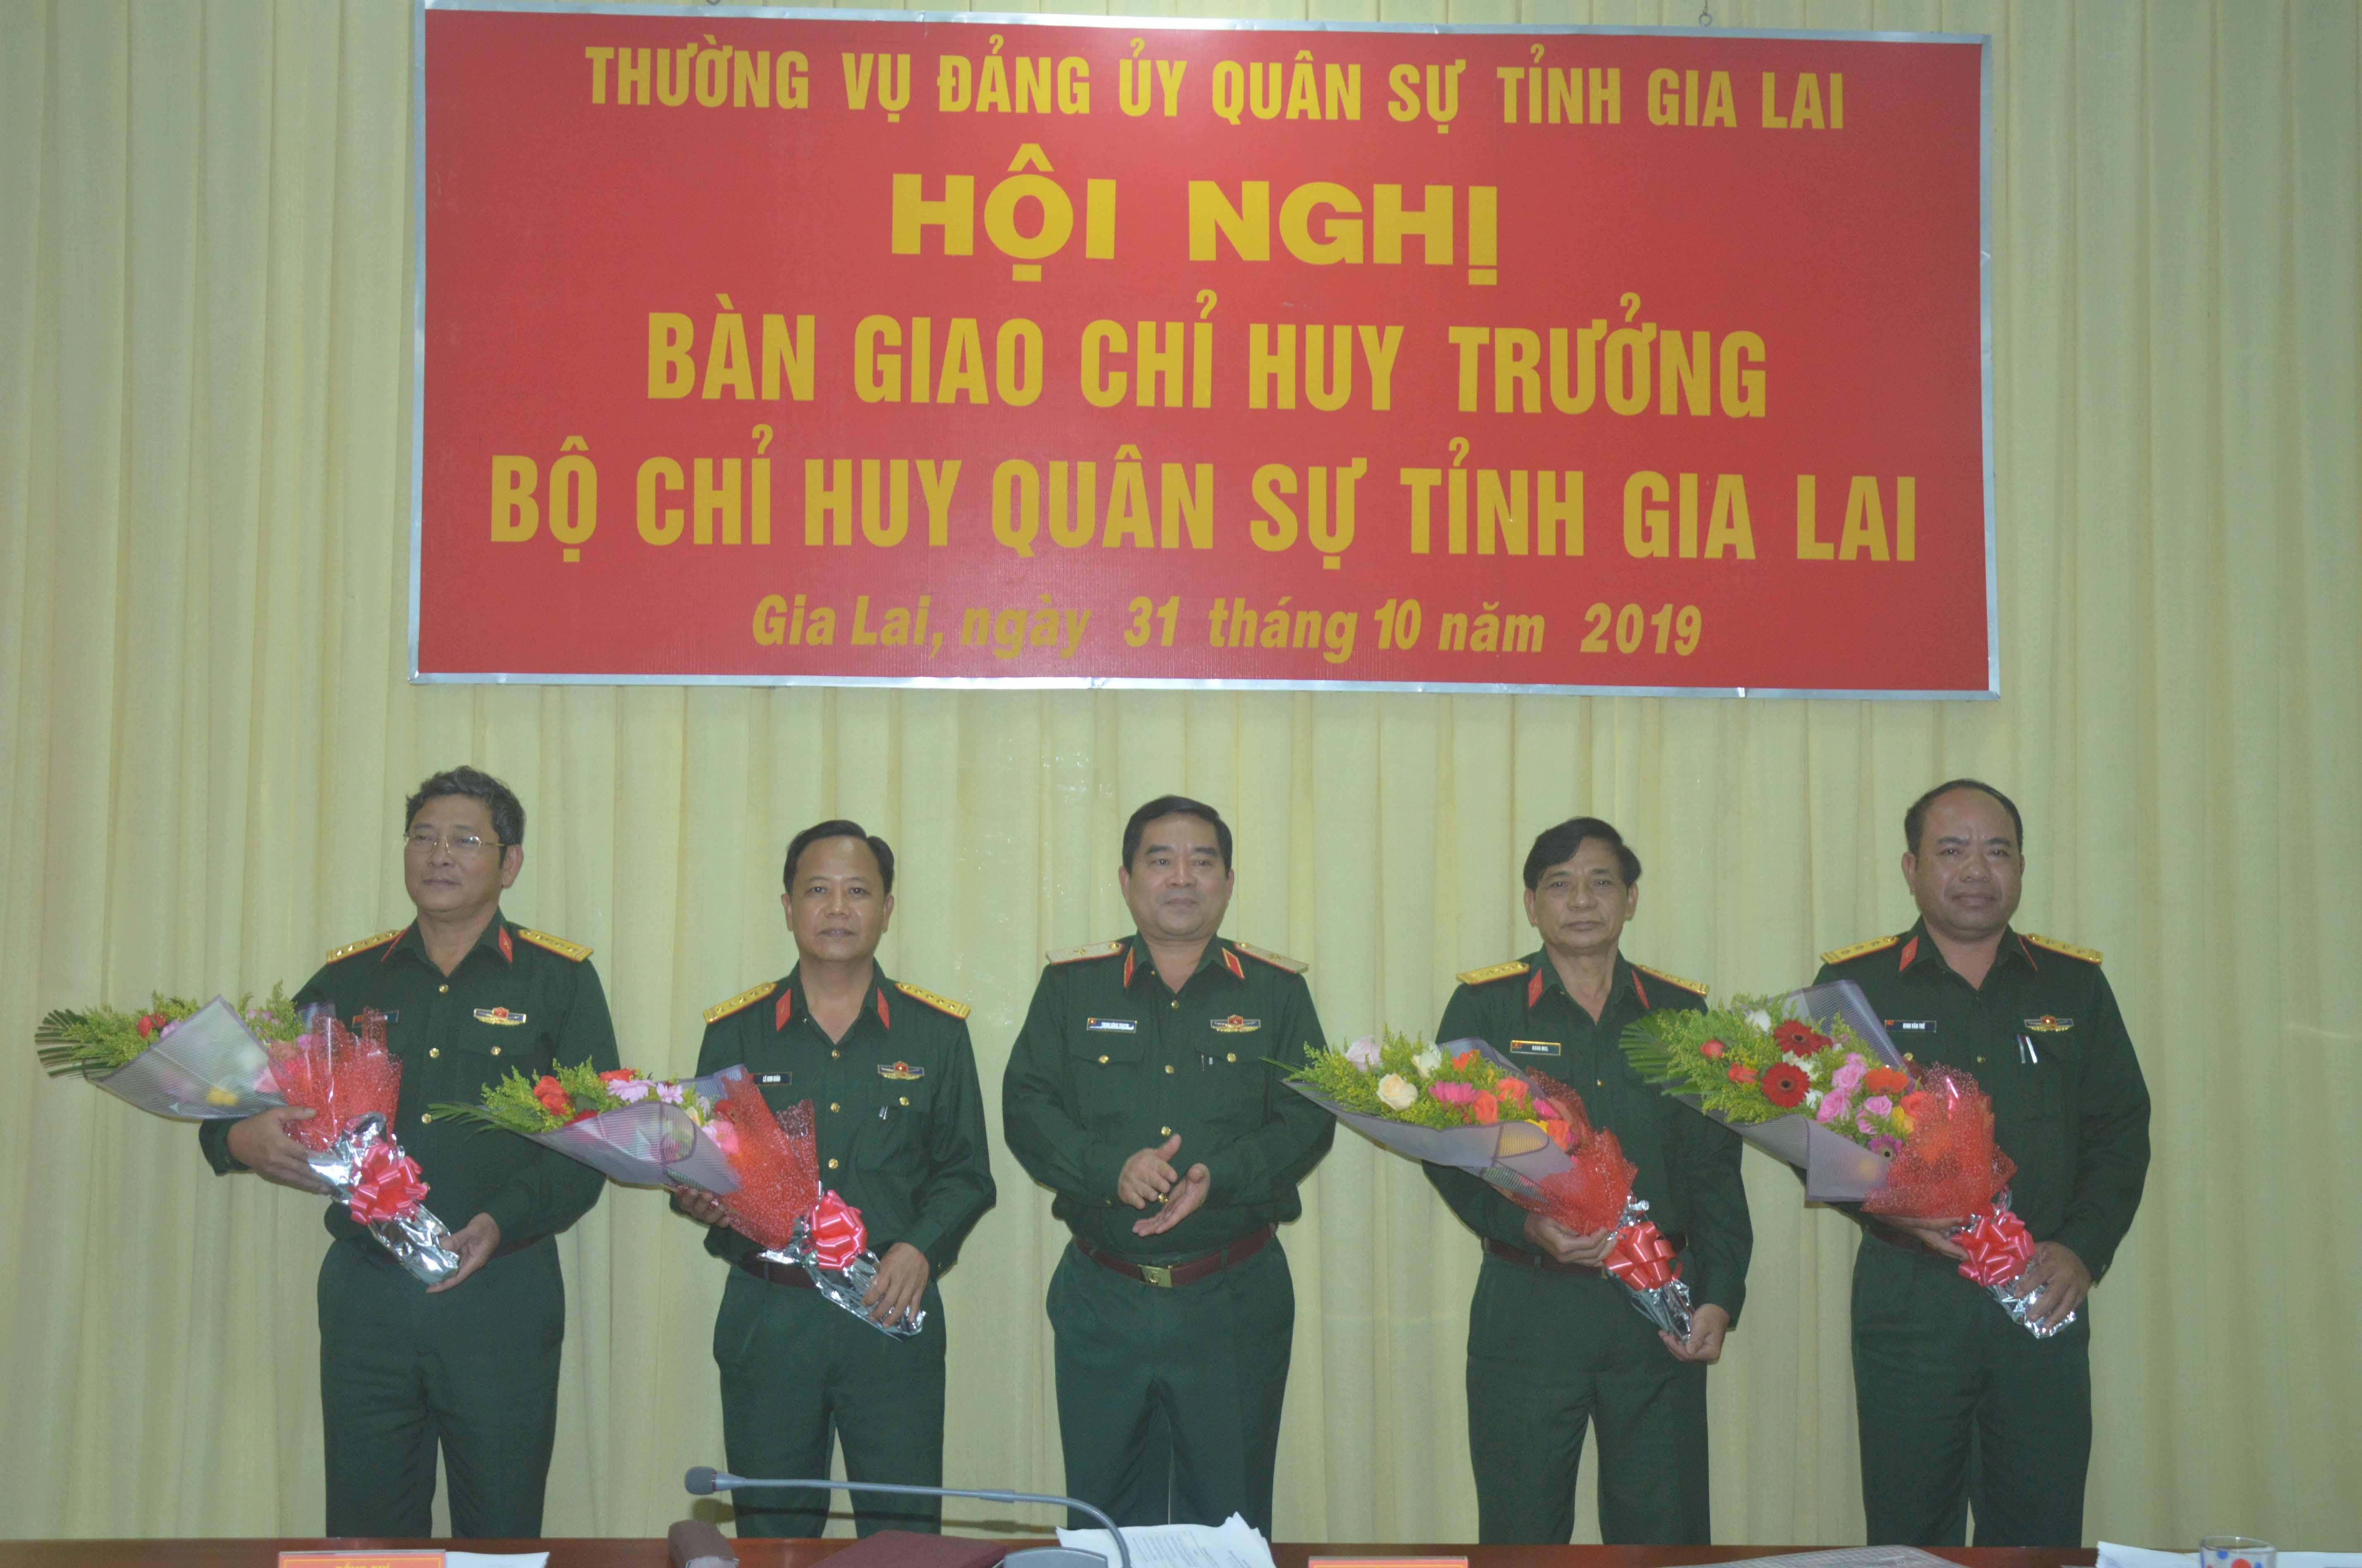 Đồng chí Thiếu tướng Trịnh Đình Thạch - Chính ủy Quân khu 5 tặng hoa cho các đồng chí nhận nhiệm vụ mới và nghỉ hưu. Ảnh: Anh Huy